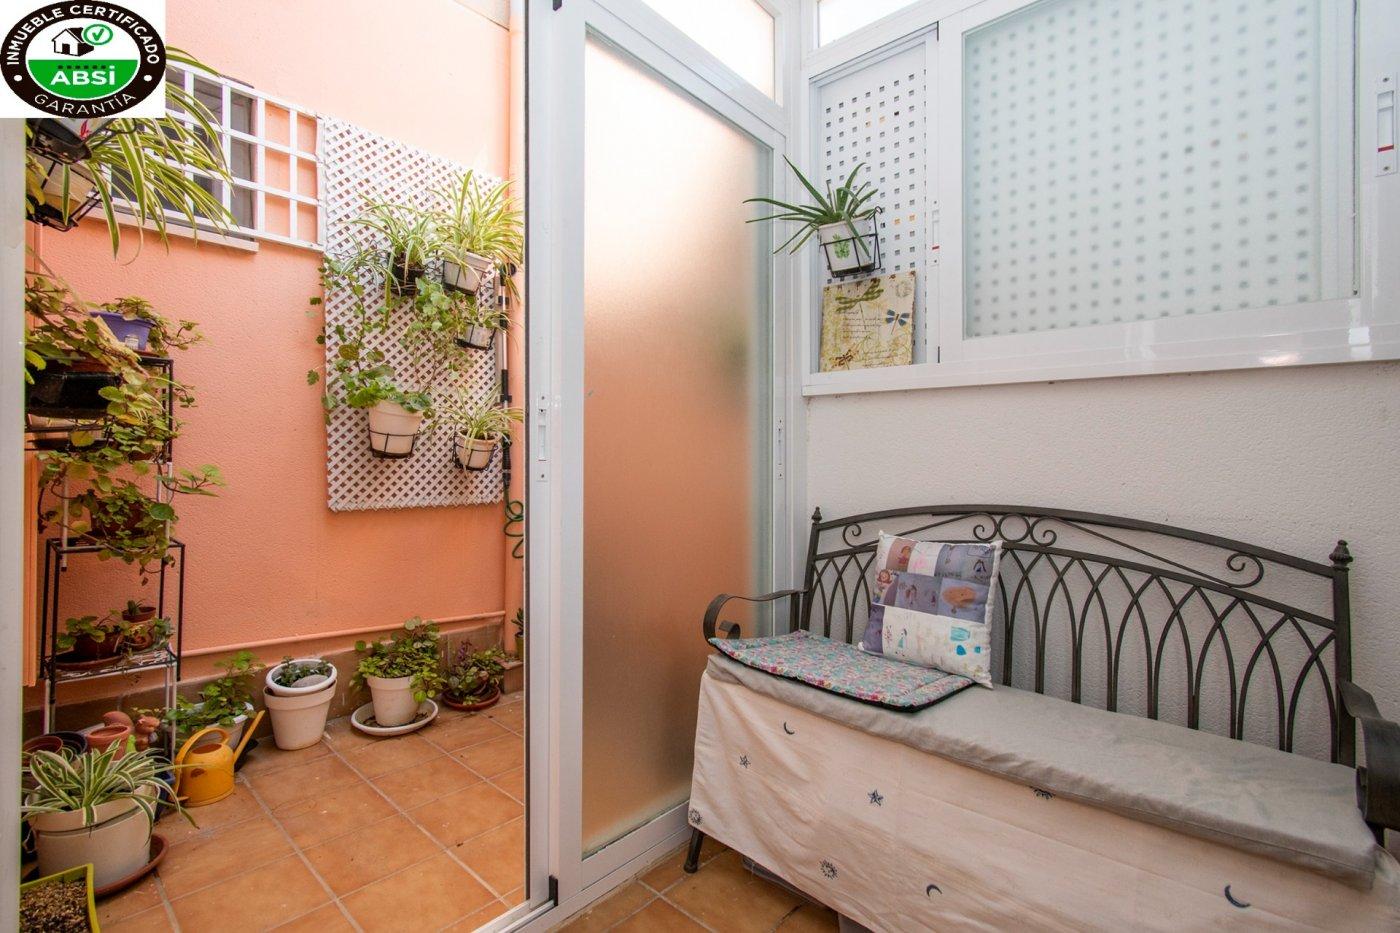 Planta baja de 2 habitaciones, 1 baÑo y patio en son serra-la vileta. - imagenInmueble10